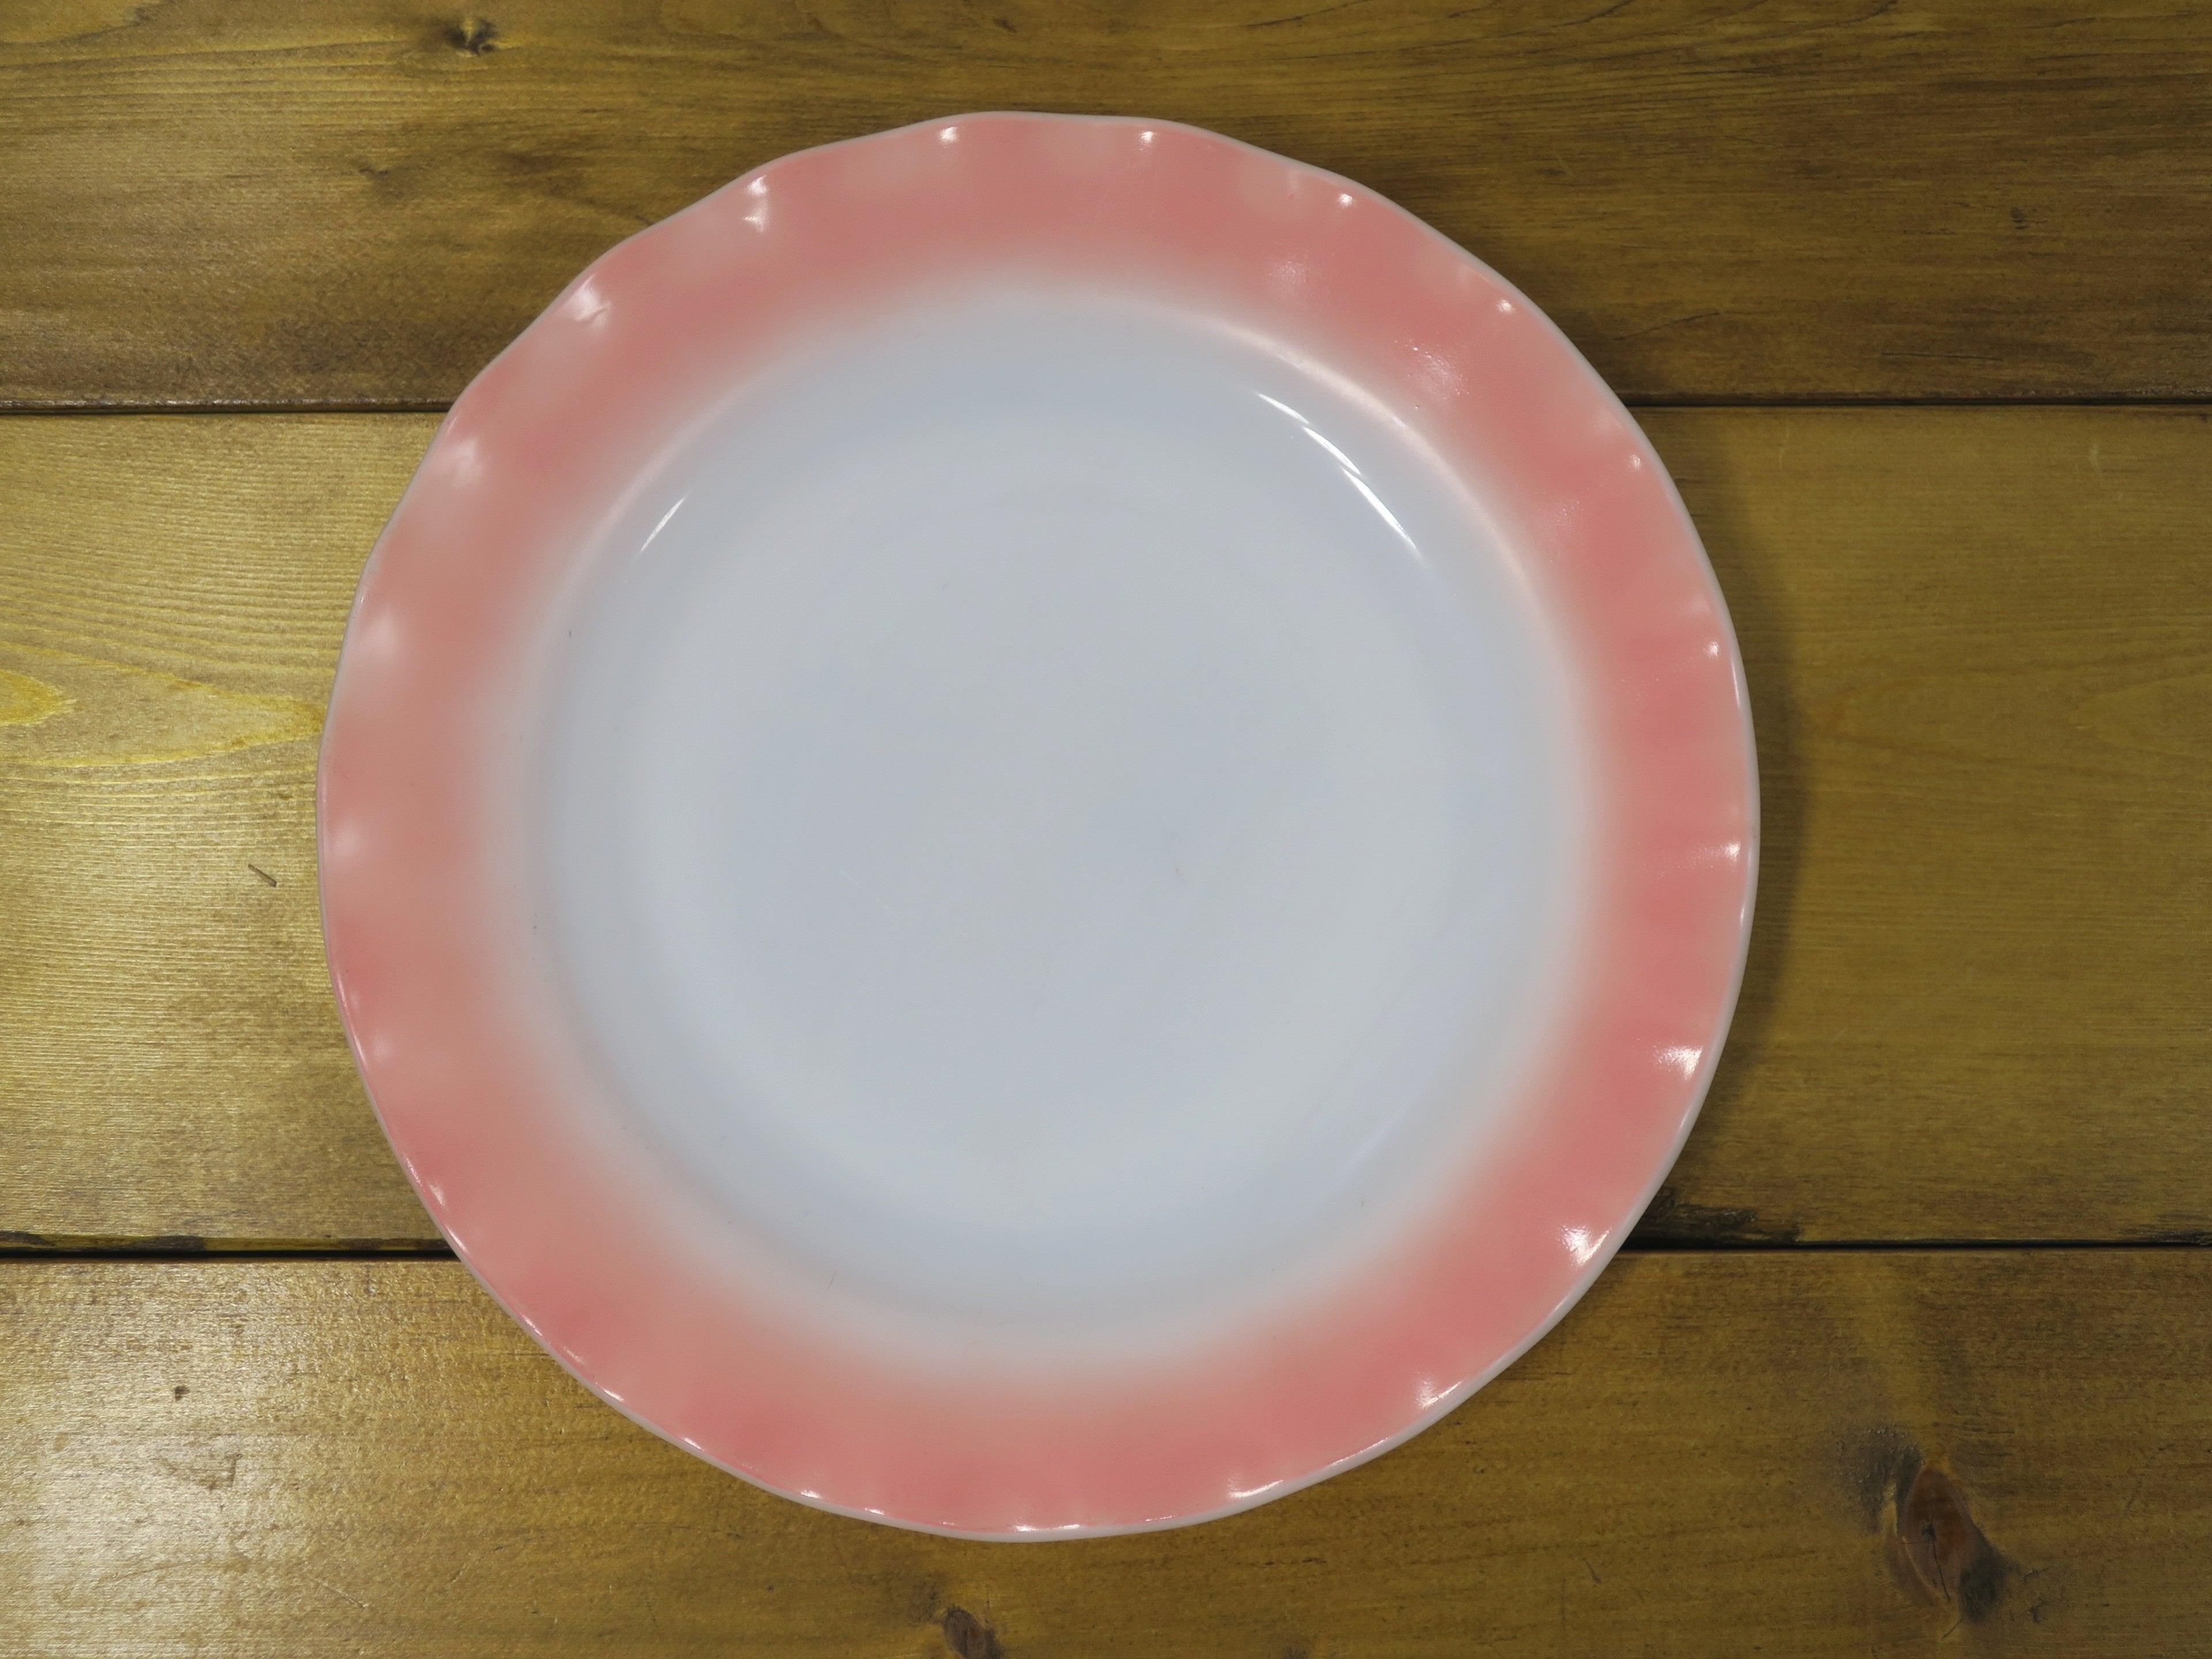 Hazel Atlasヘーゼルアトラス Ripple リプル ディナープレート ピンク